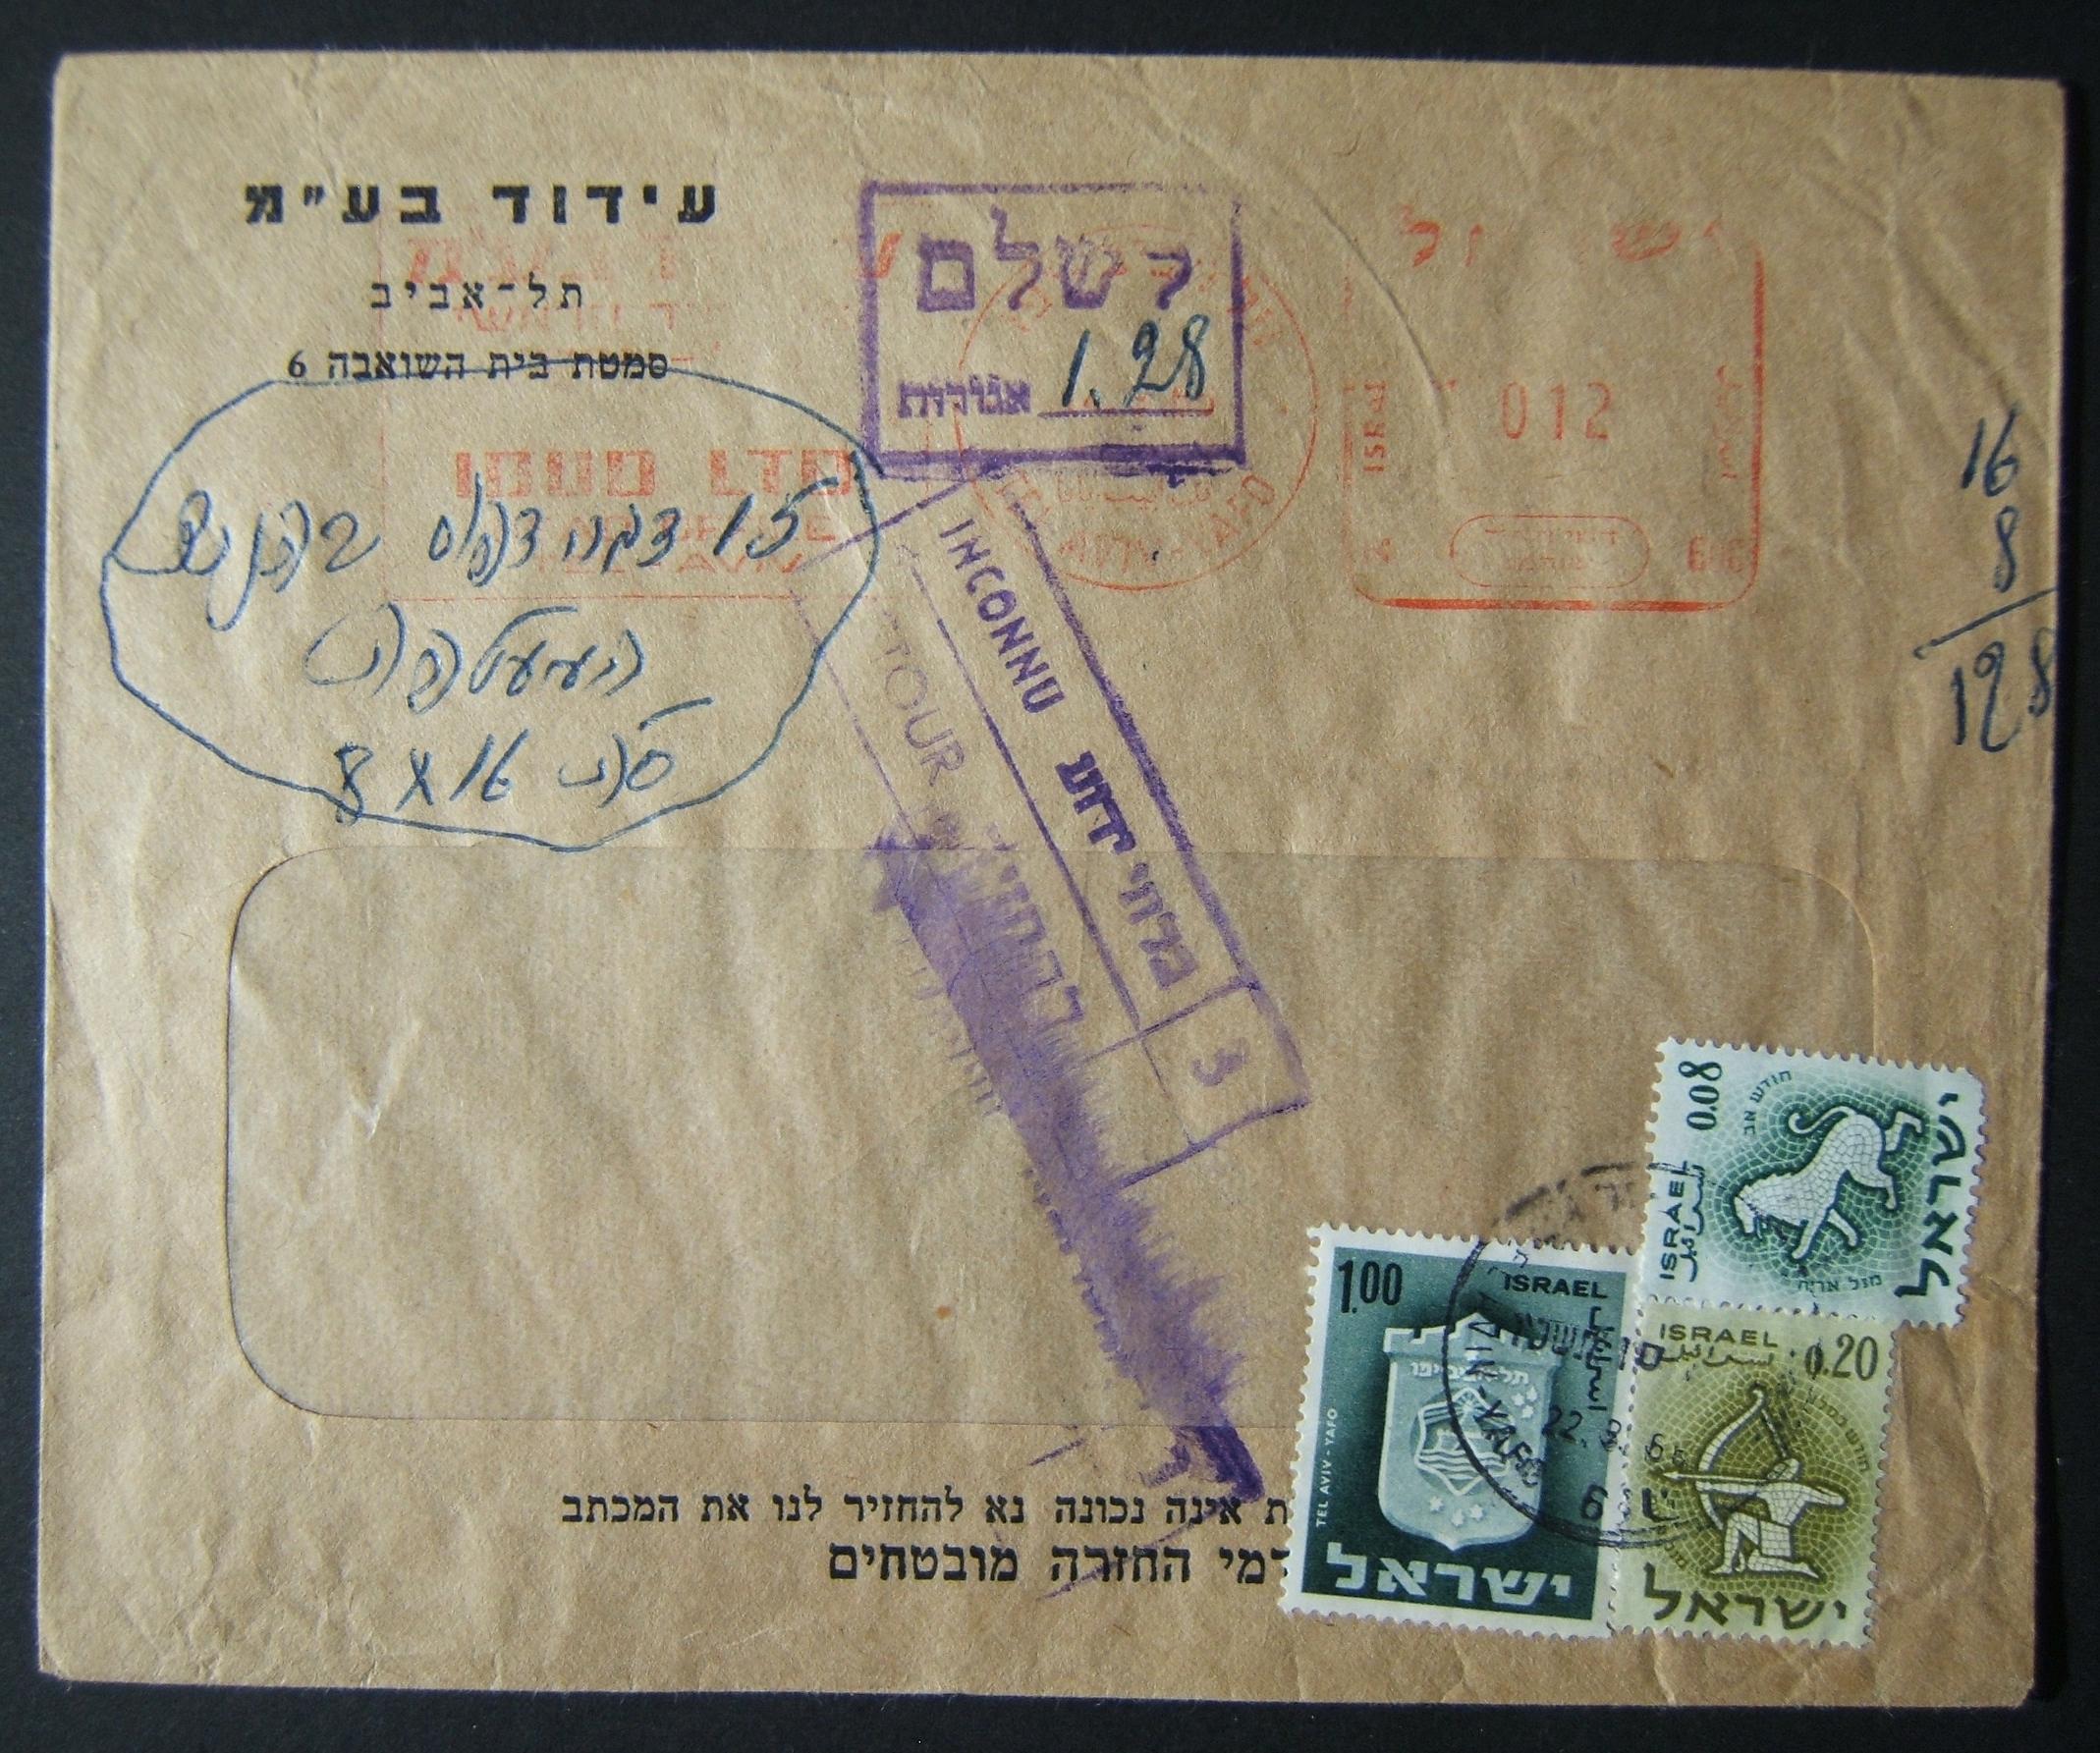 1966 أعلى من كومة ضرائب البريد صريح في سعر البريد الجديد والضرائب بمعدل القديم